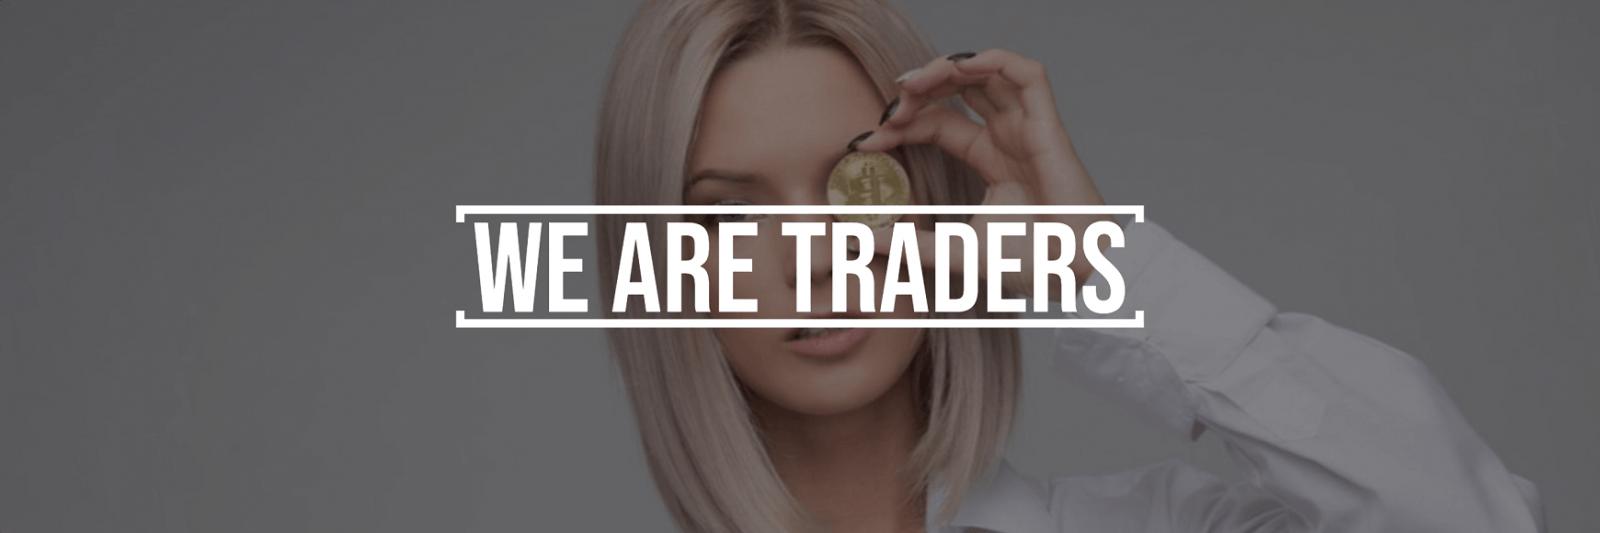 Routine und Mentalität im Handelserfolg